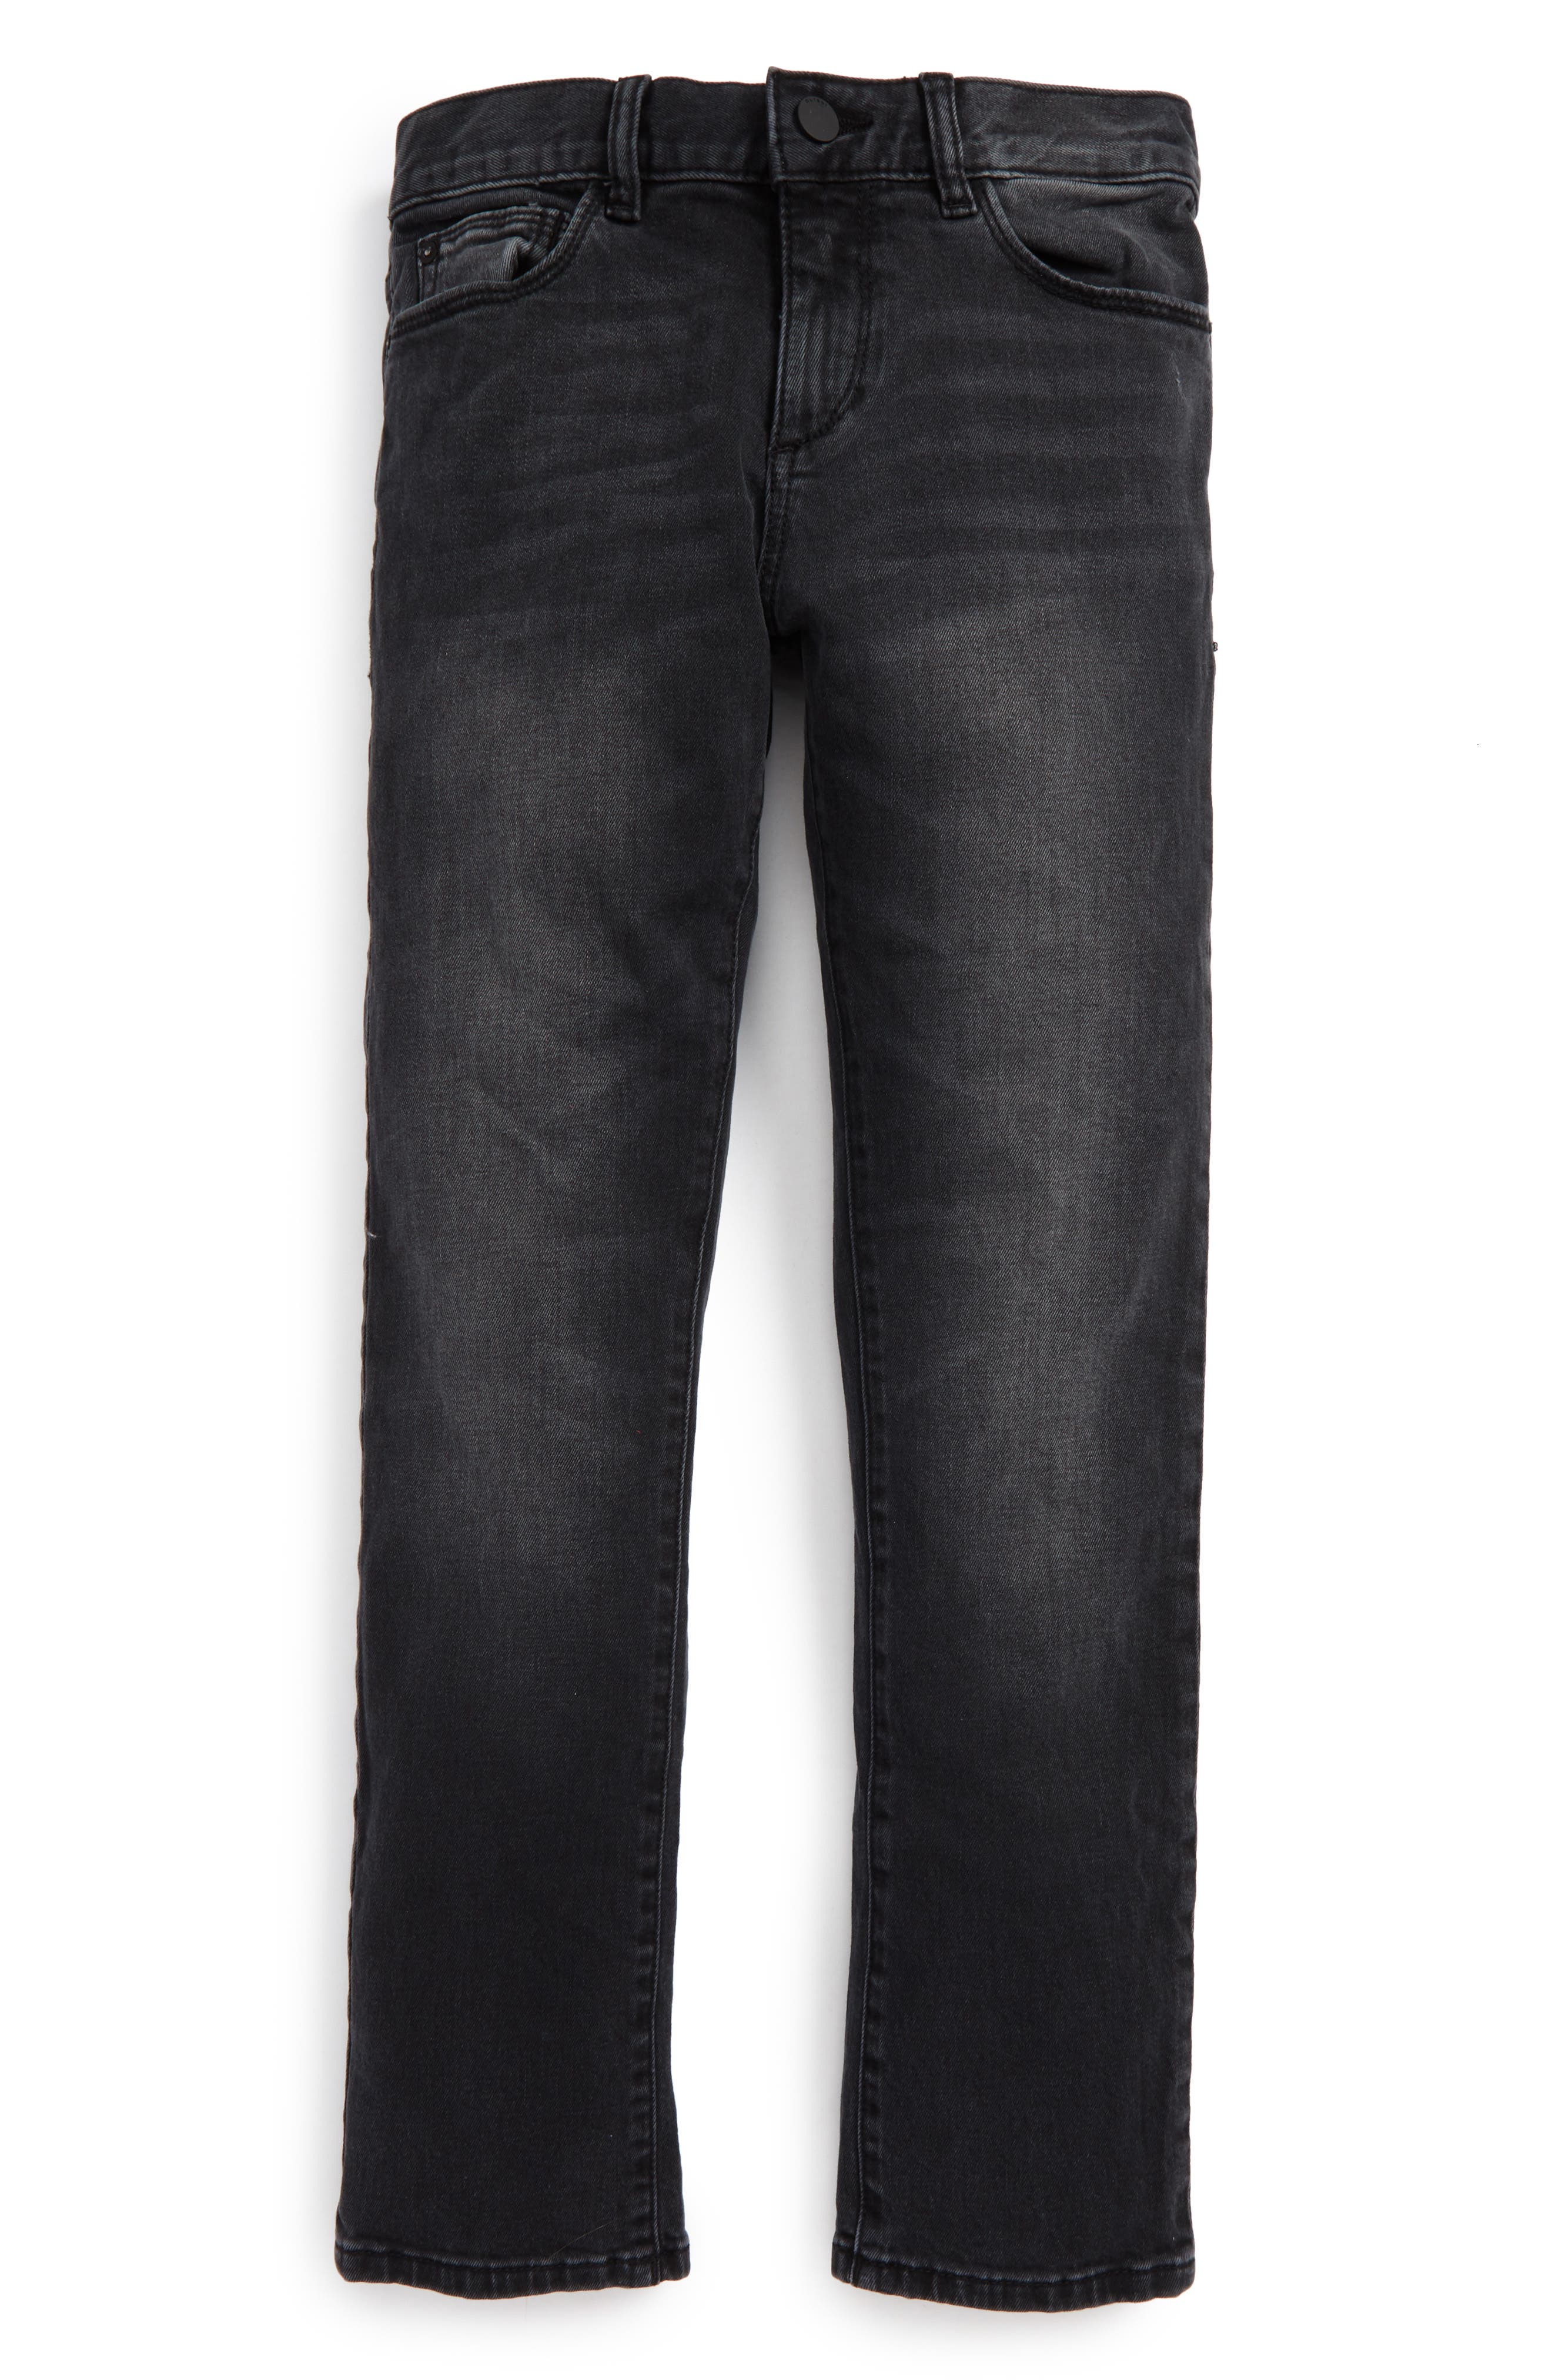 DL 1961 Hawke Skinny Jeans (Big Boys)